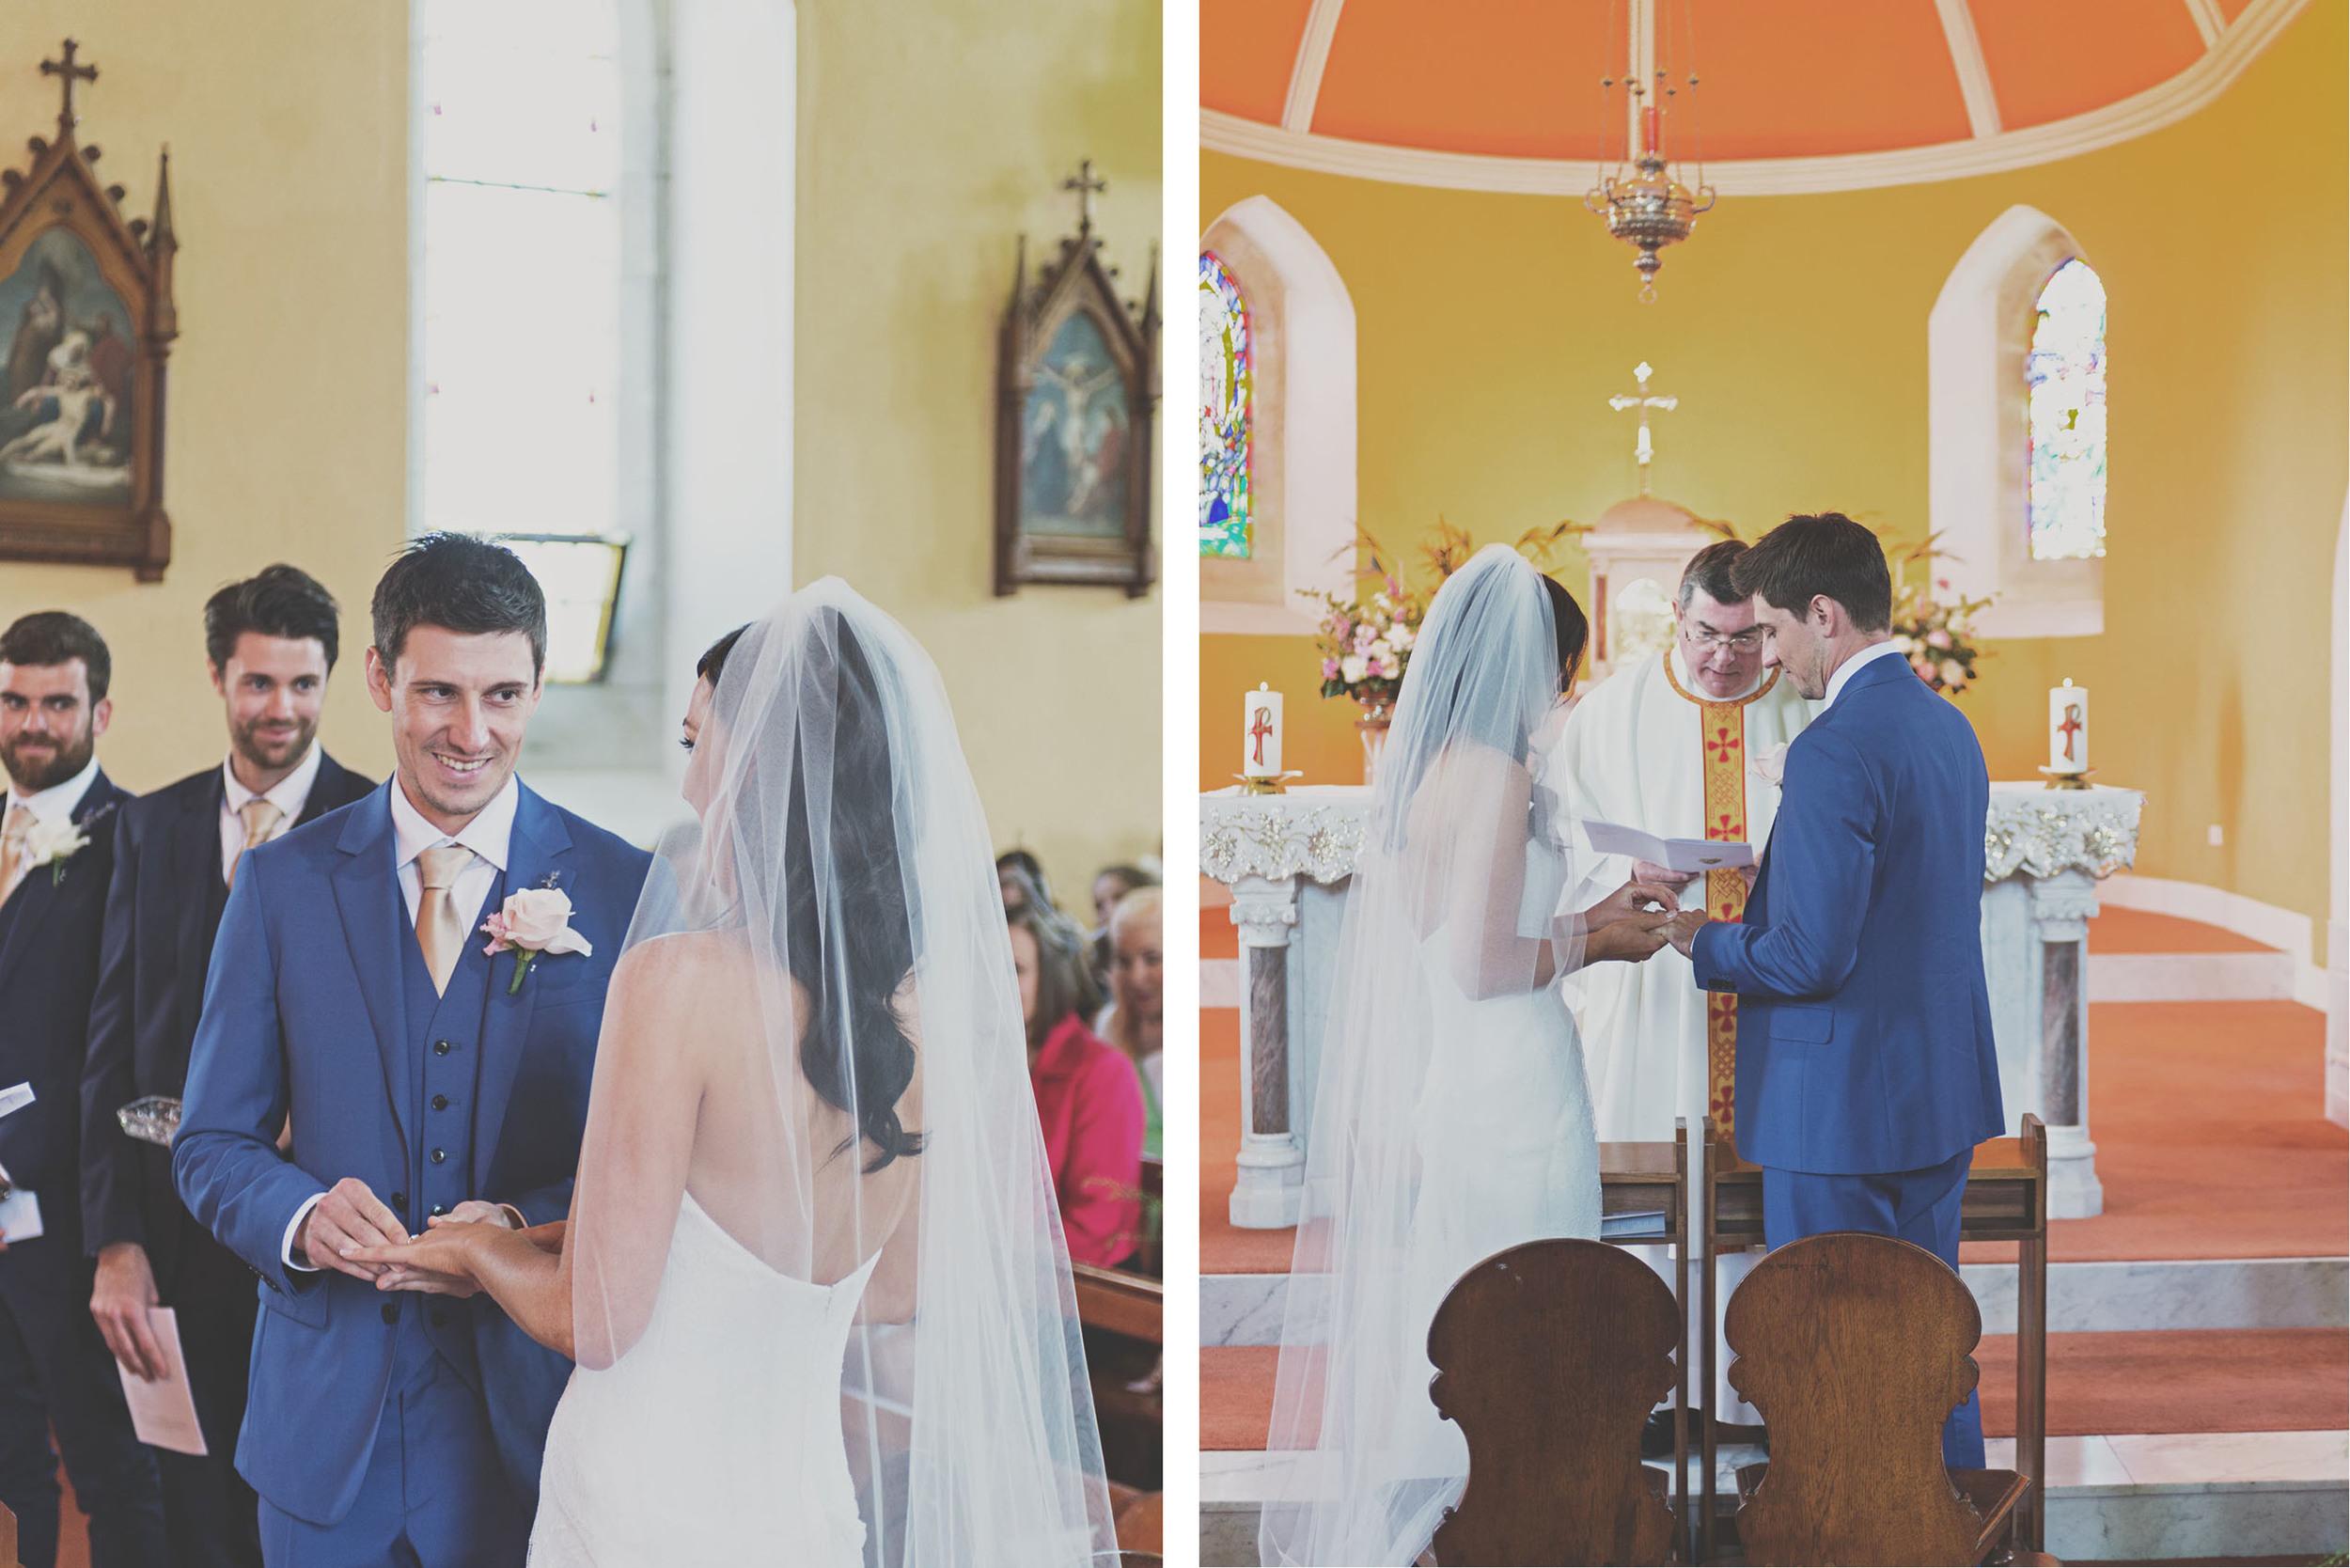 Julie & Matt's Seafield Wedding by Studio33weddings 045.jpg